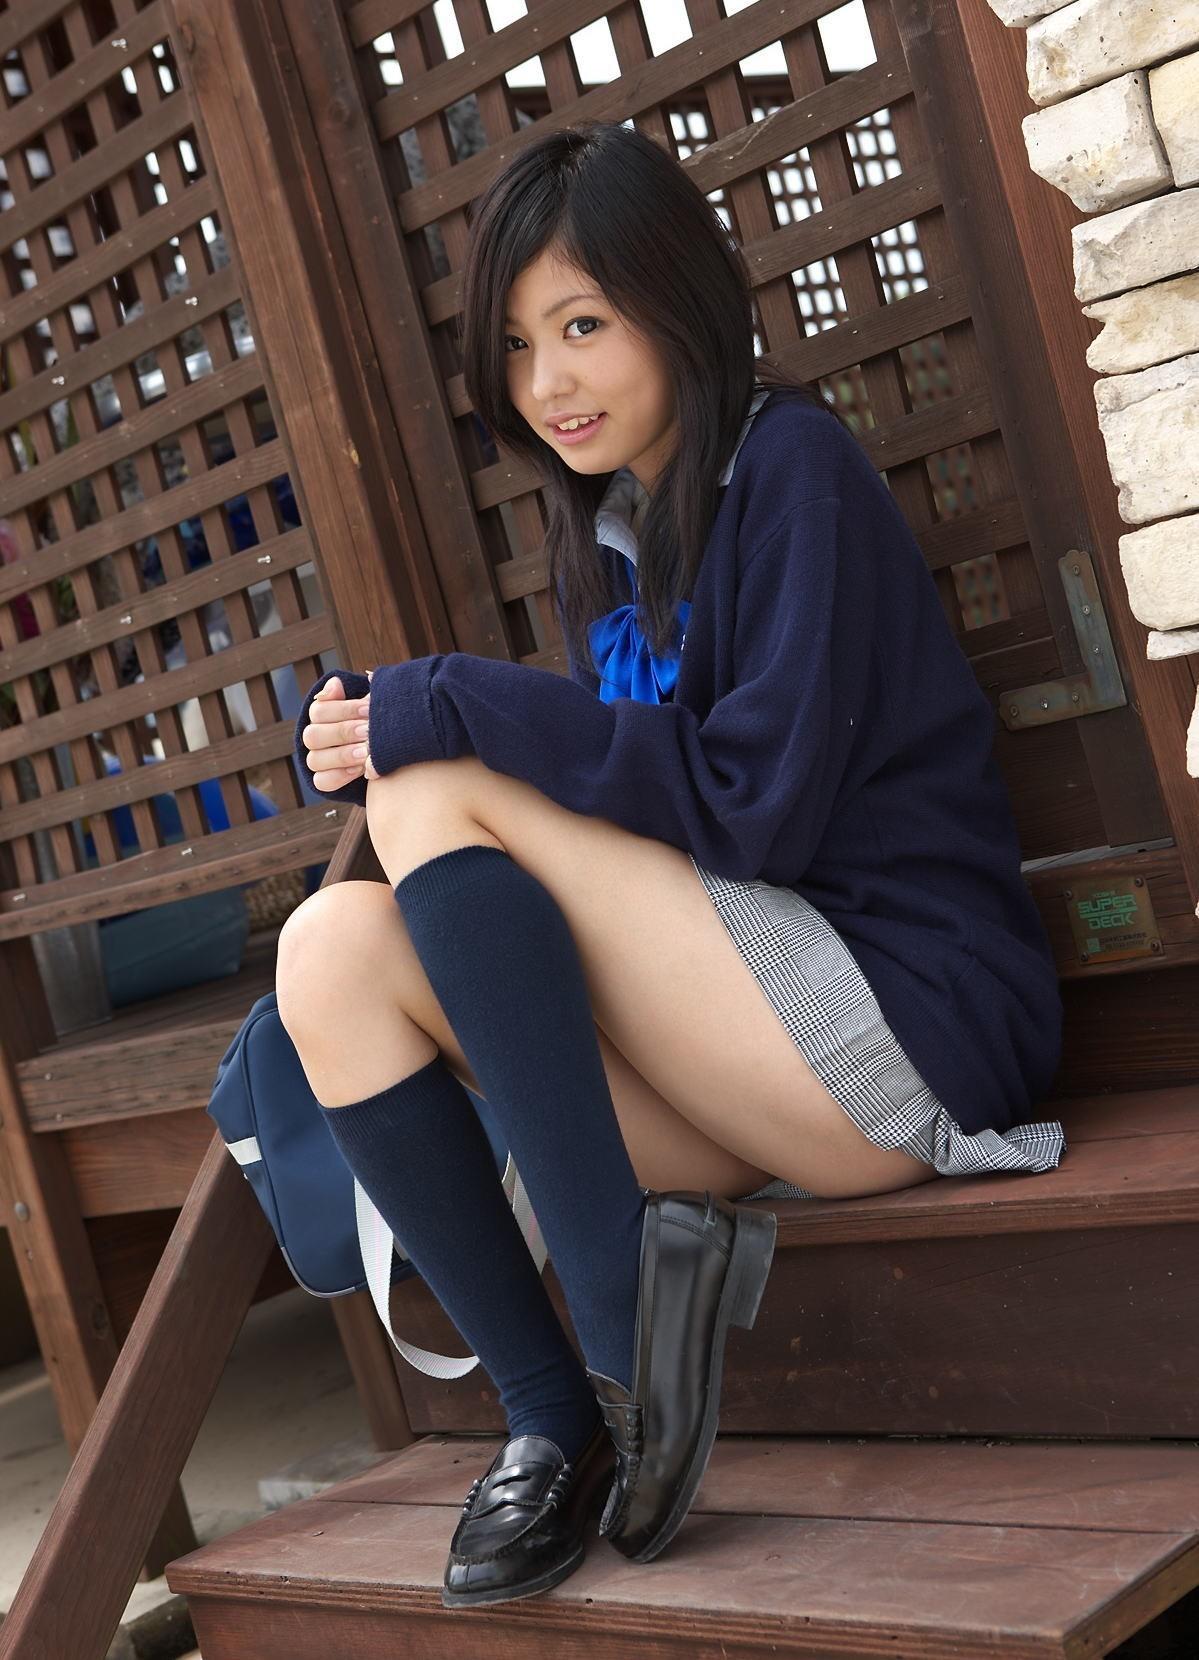 【制服エロ画像】まさか履いてない!?Tでも問題ありきな制服娘の横尻出しwww 11